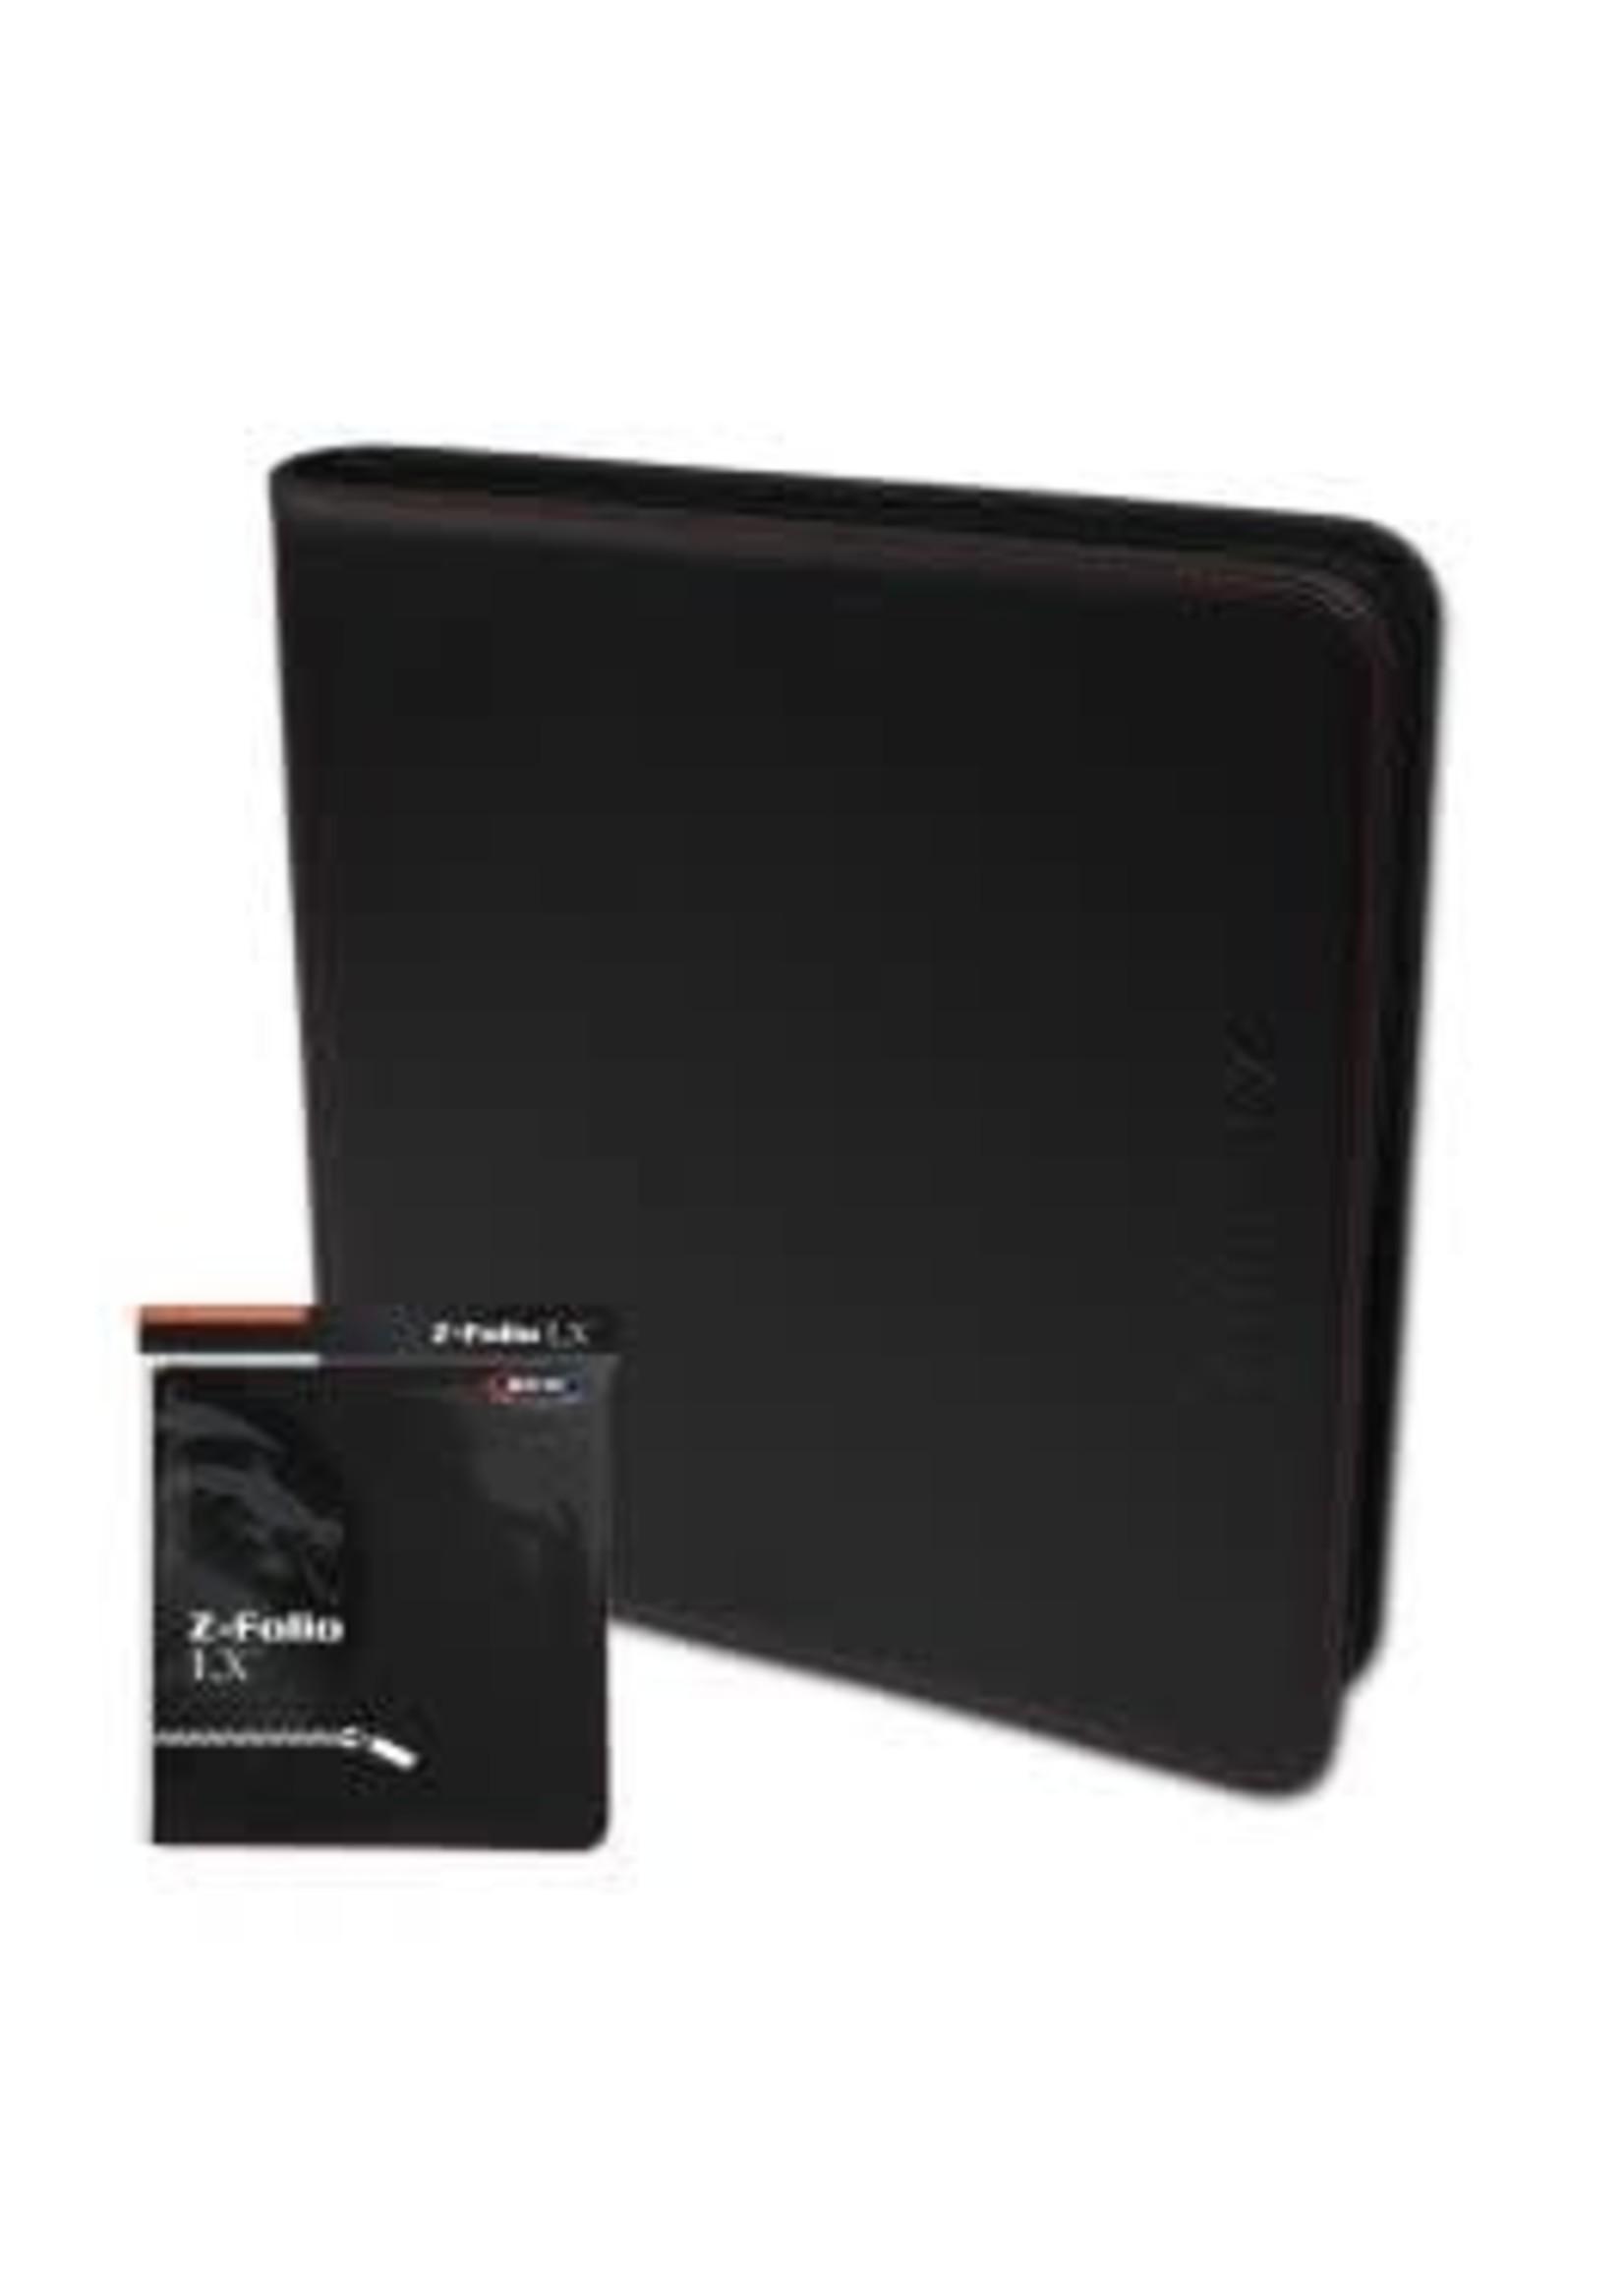 BCW 12 Pocket Binder Z-Folio LX Black